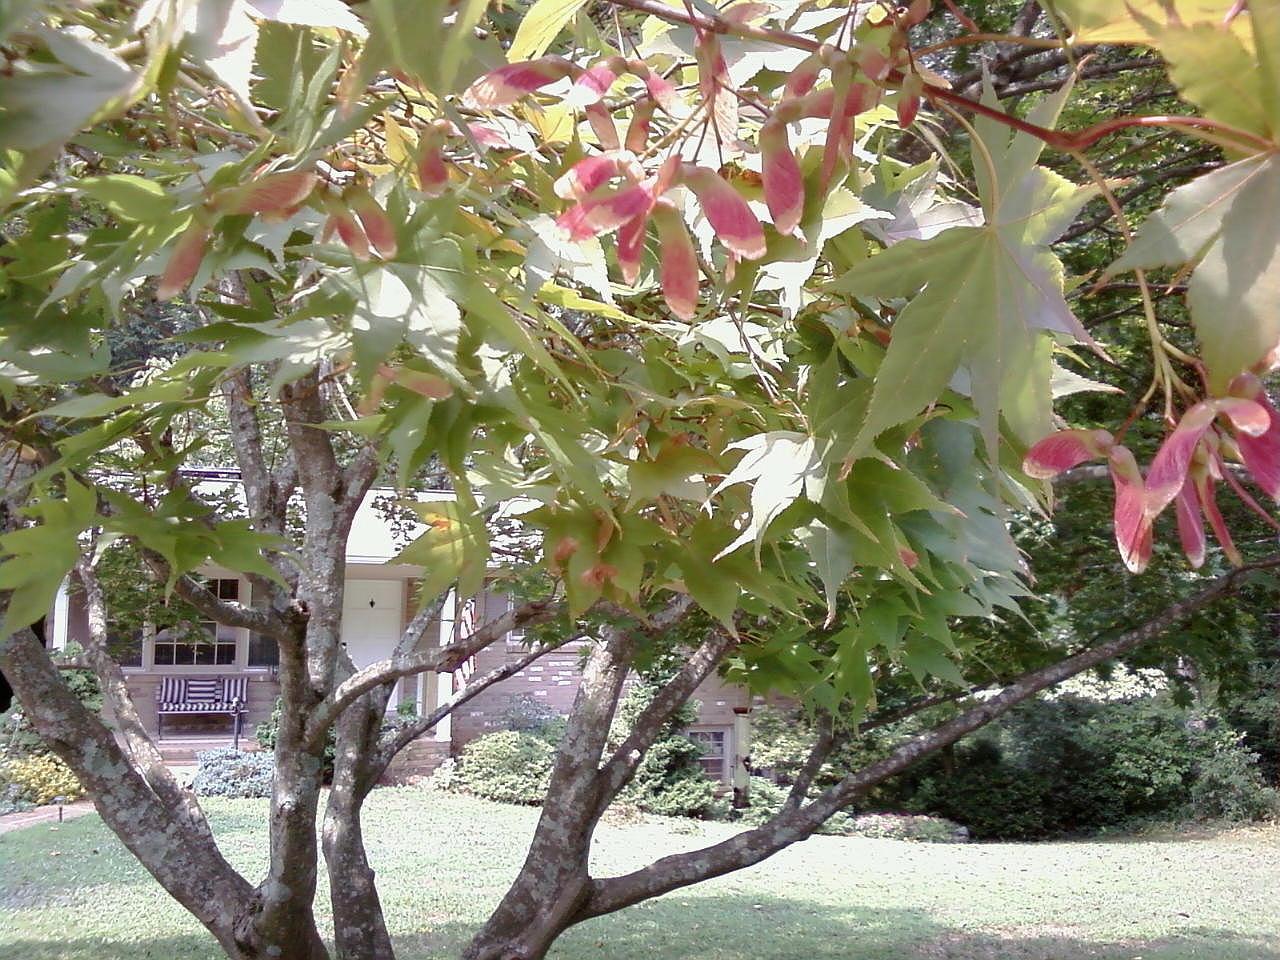 Maple Tree Seeds - Poem